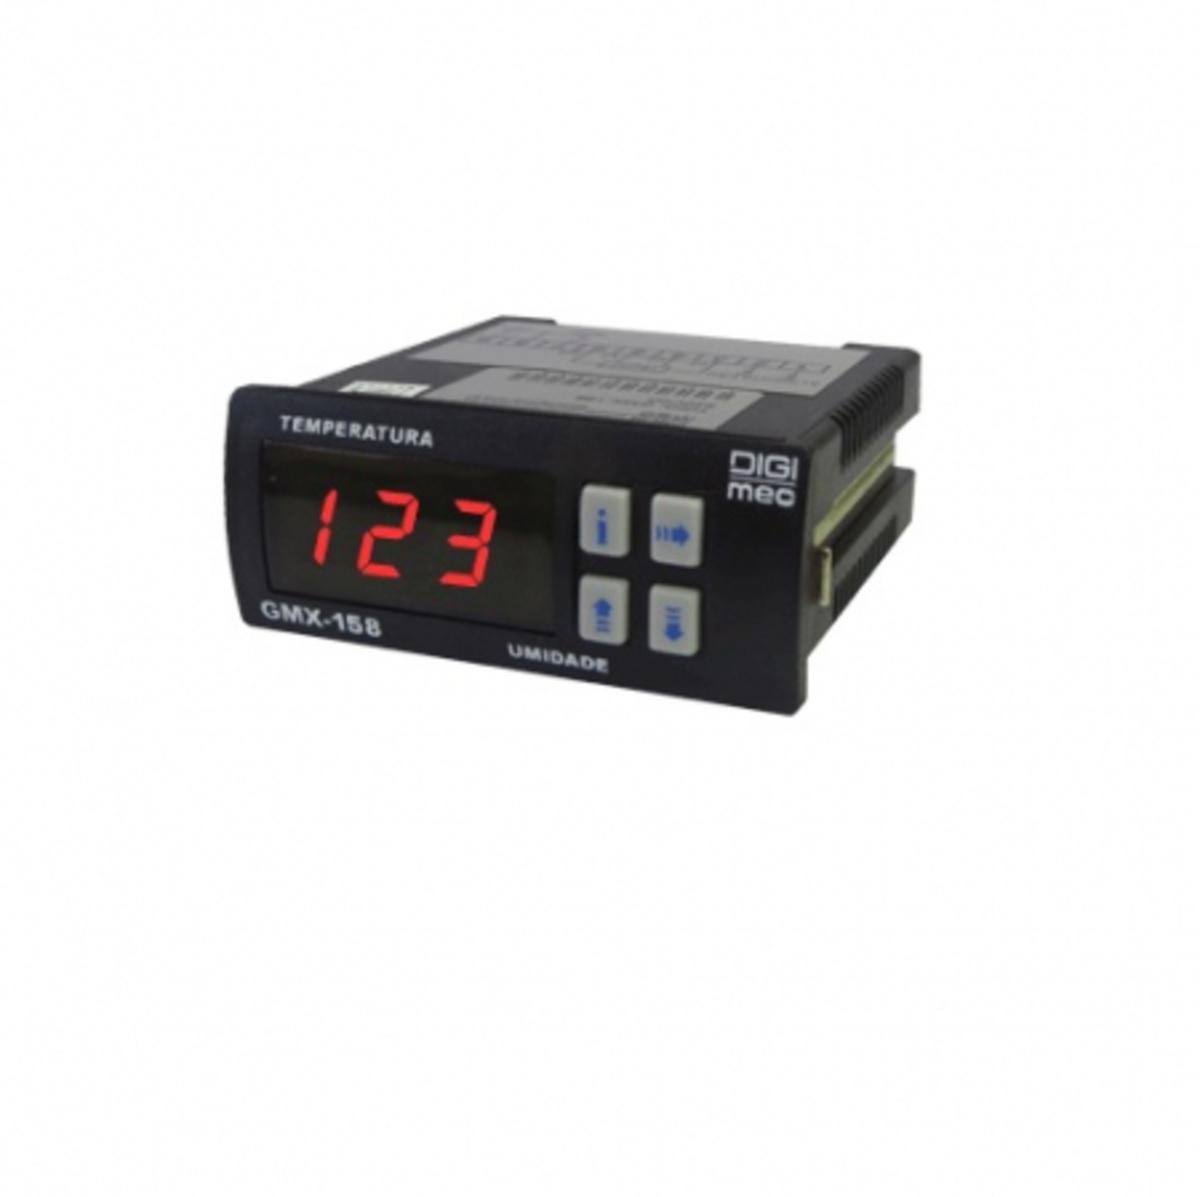 CONTROLADOR DE TEMPERATURA E UMIDADE  SMX158 220V DIGIMEC